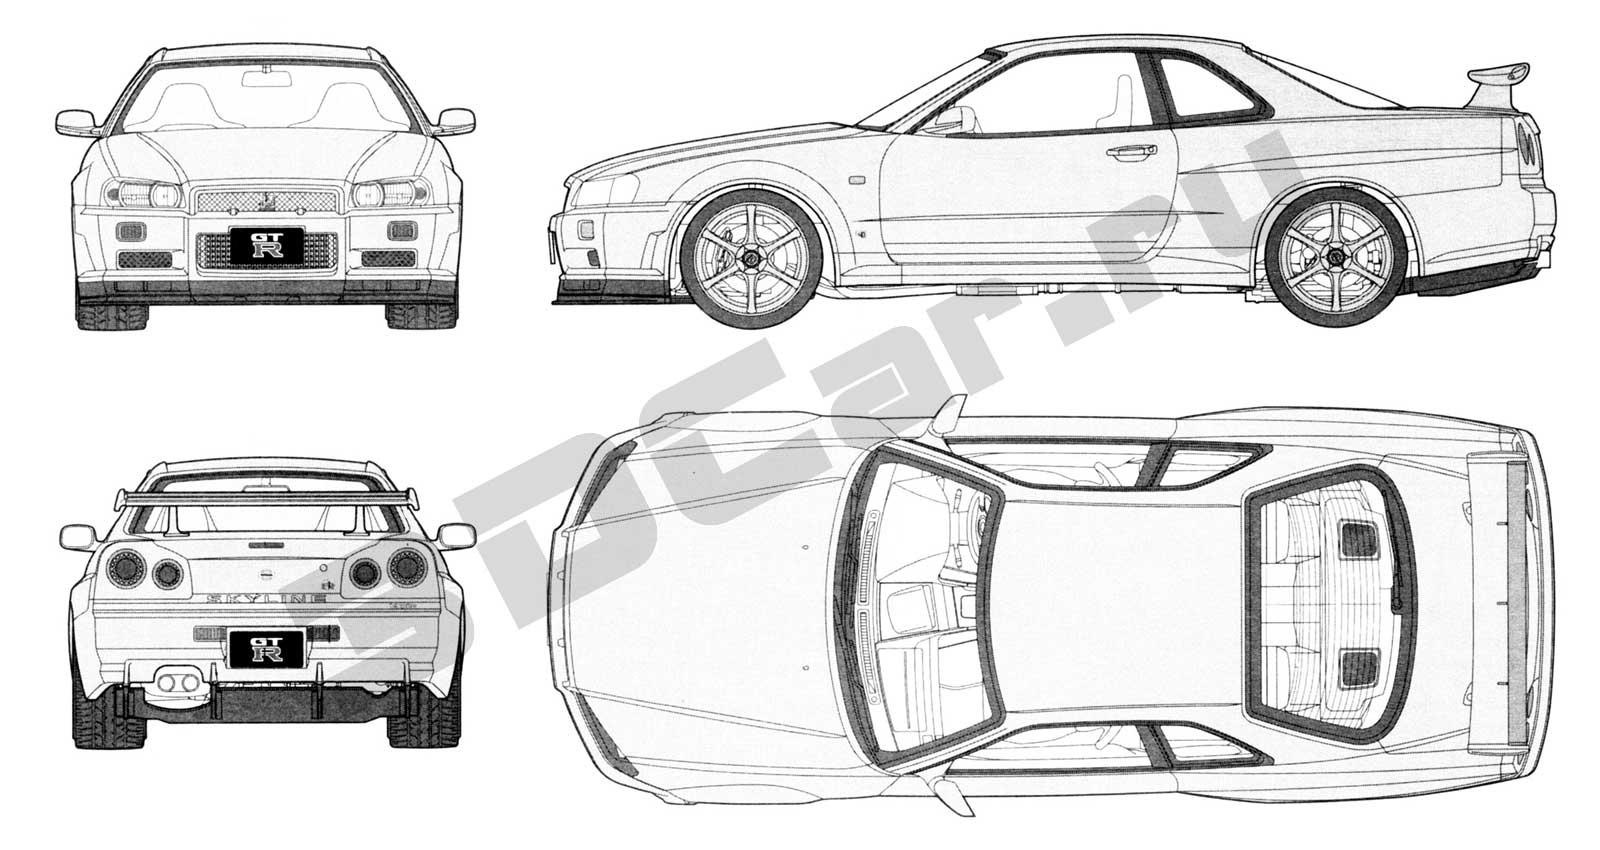 Nissan Skyline R34 3dcar